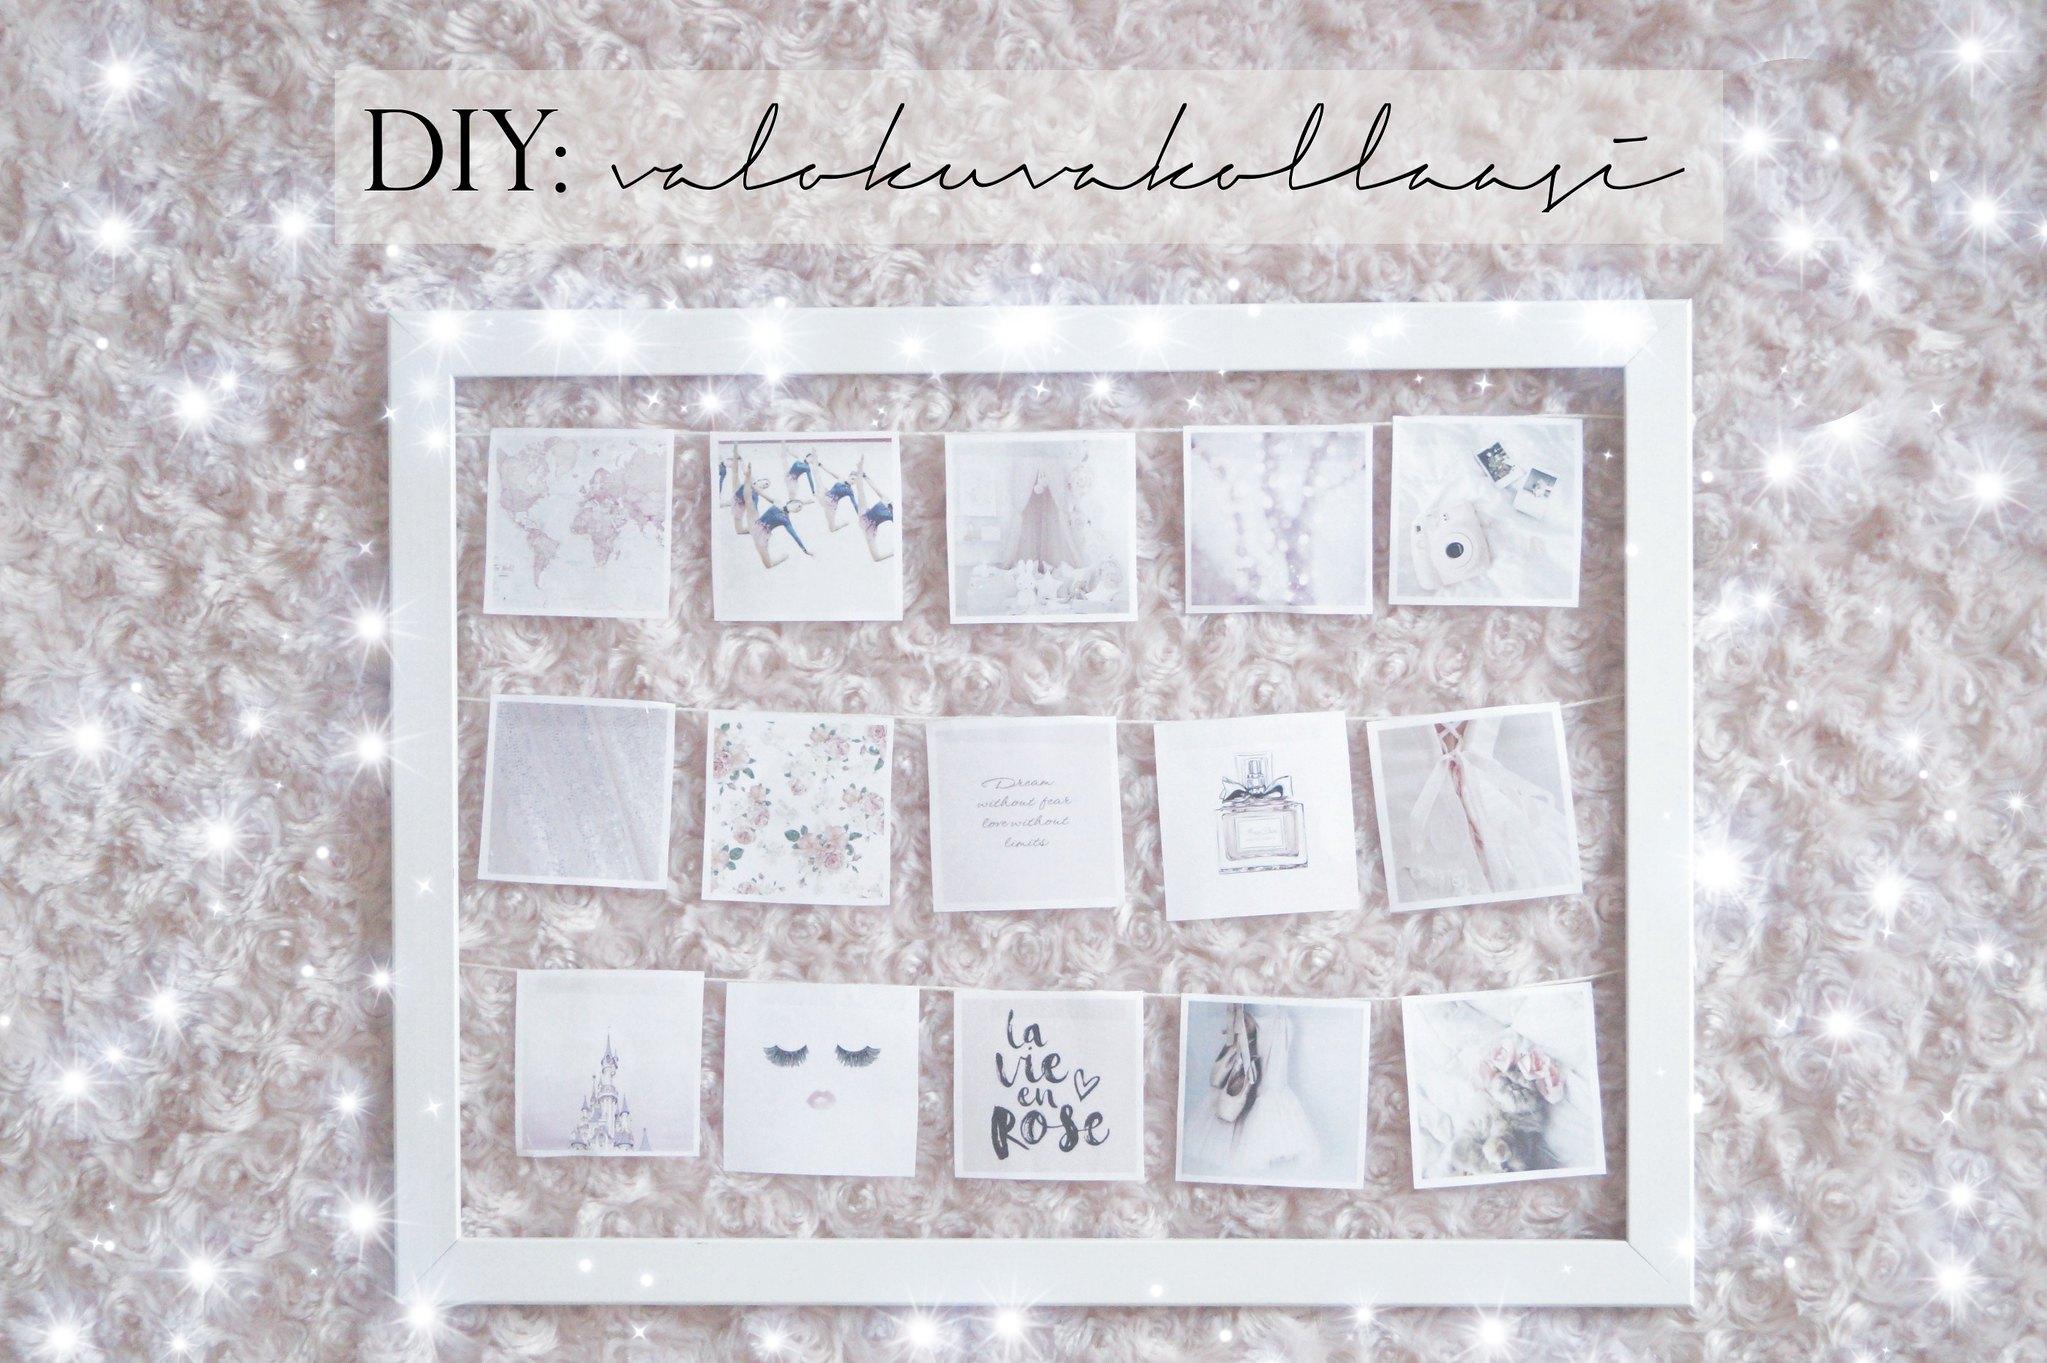 DIY: valokuvakollaasi